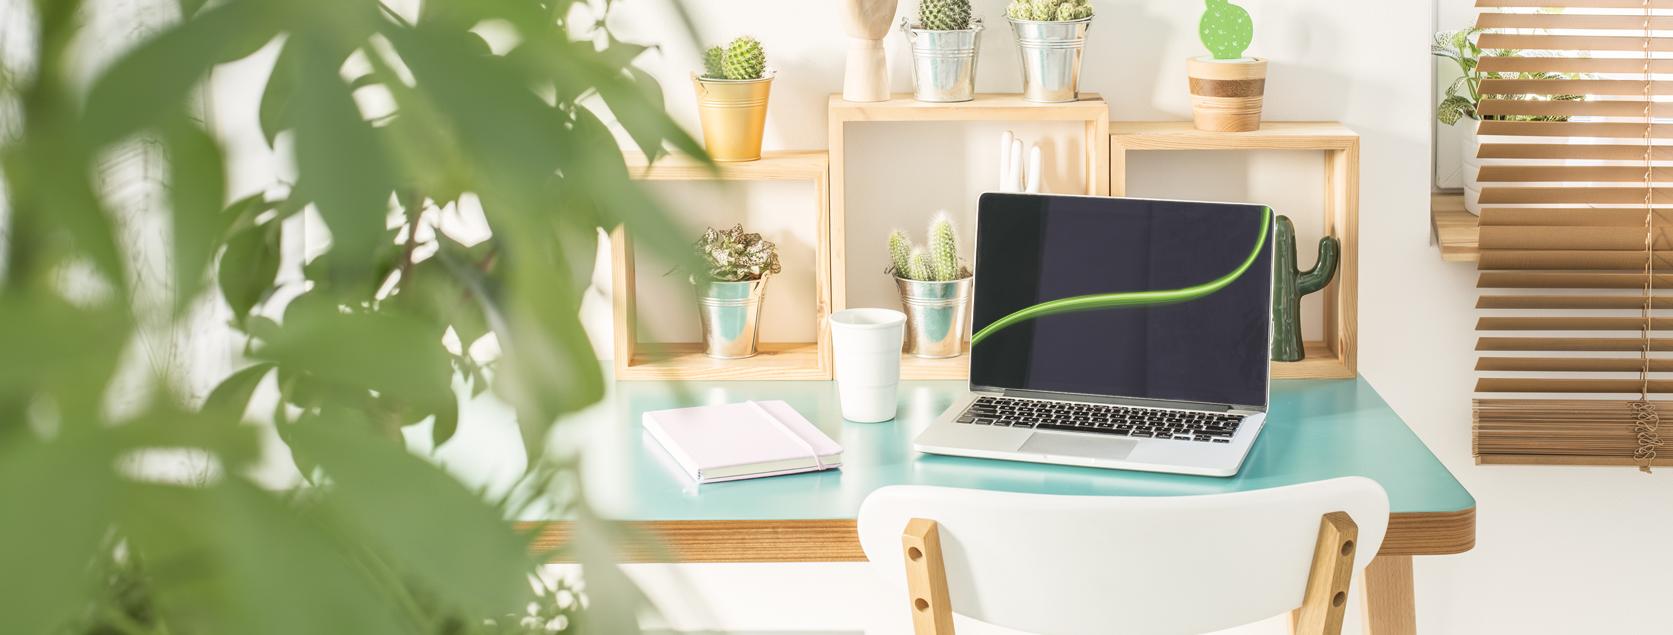 Teletrabajo: Trabajar en casa